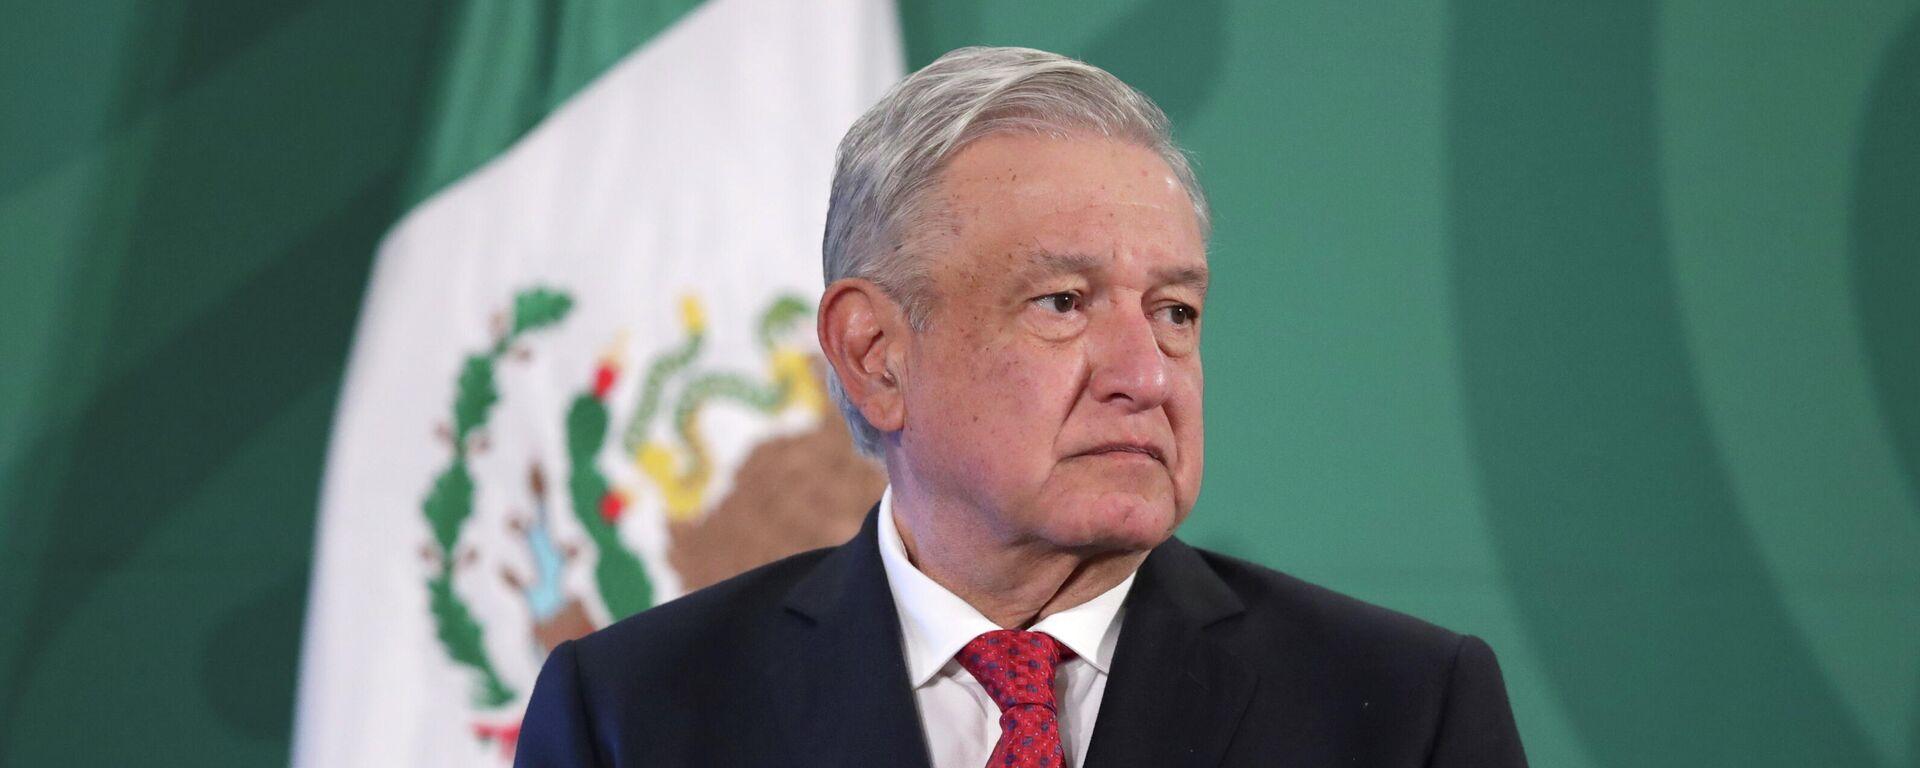 Andrés Manuel López Obrador, presidente de México - Sputnik Mundo, 1920, 26.05.2021